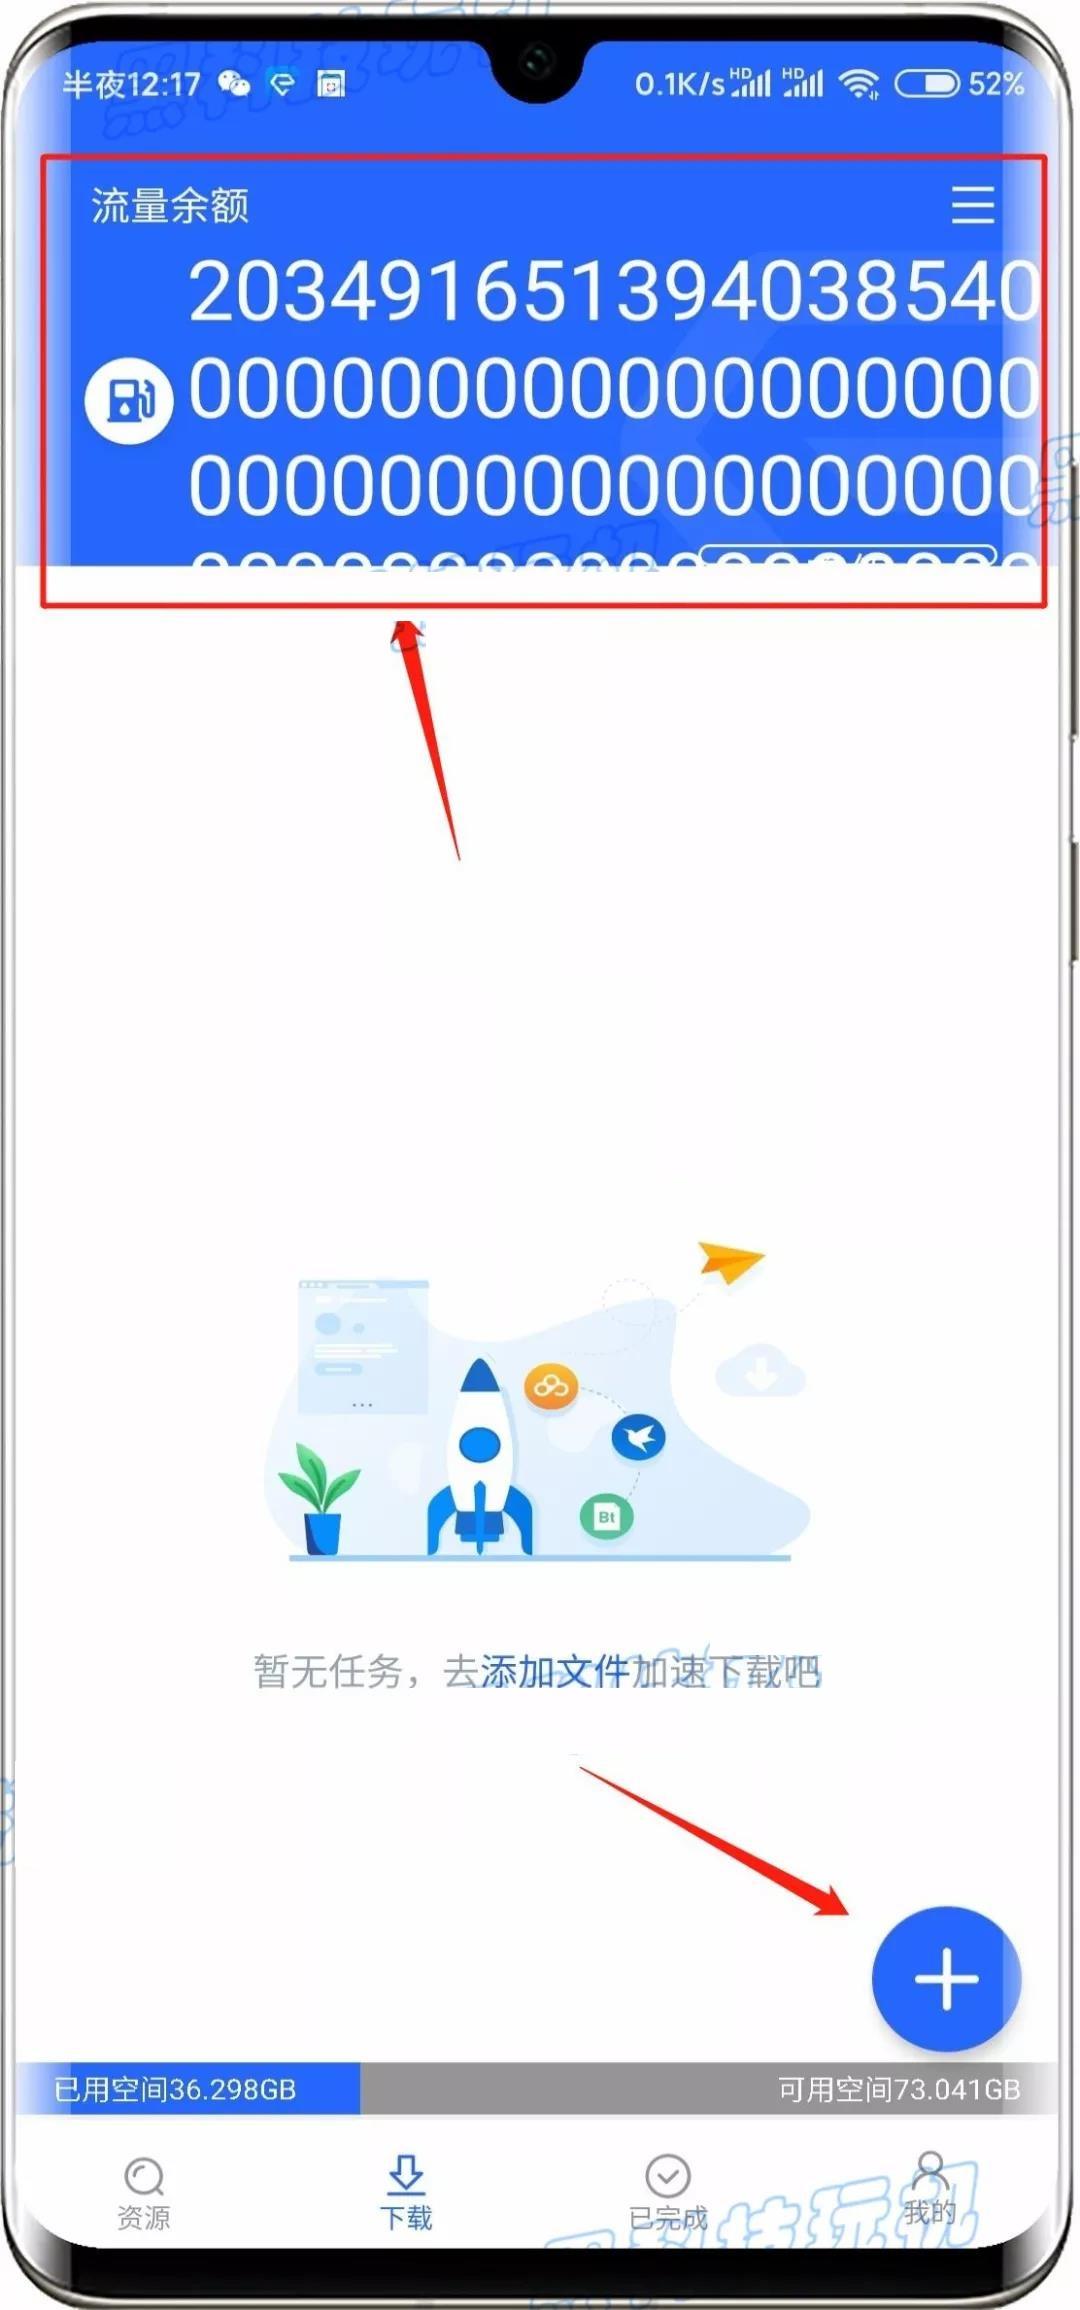 百度網盤手機版破解版 2020 最新可用版 1.0